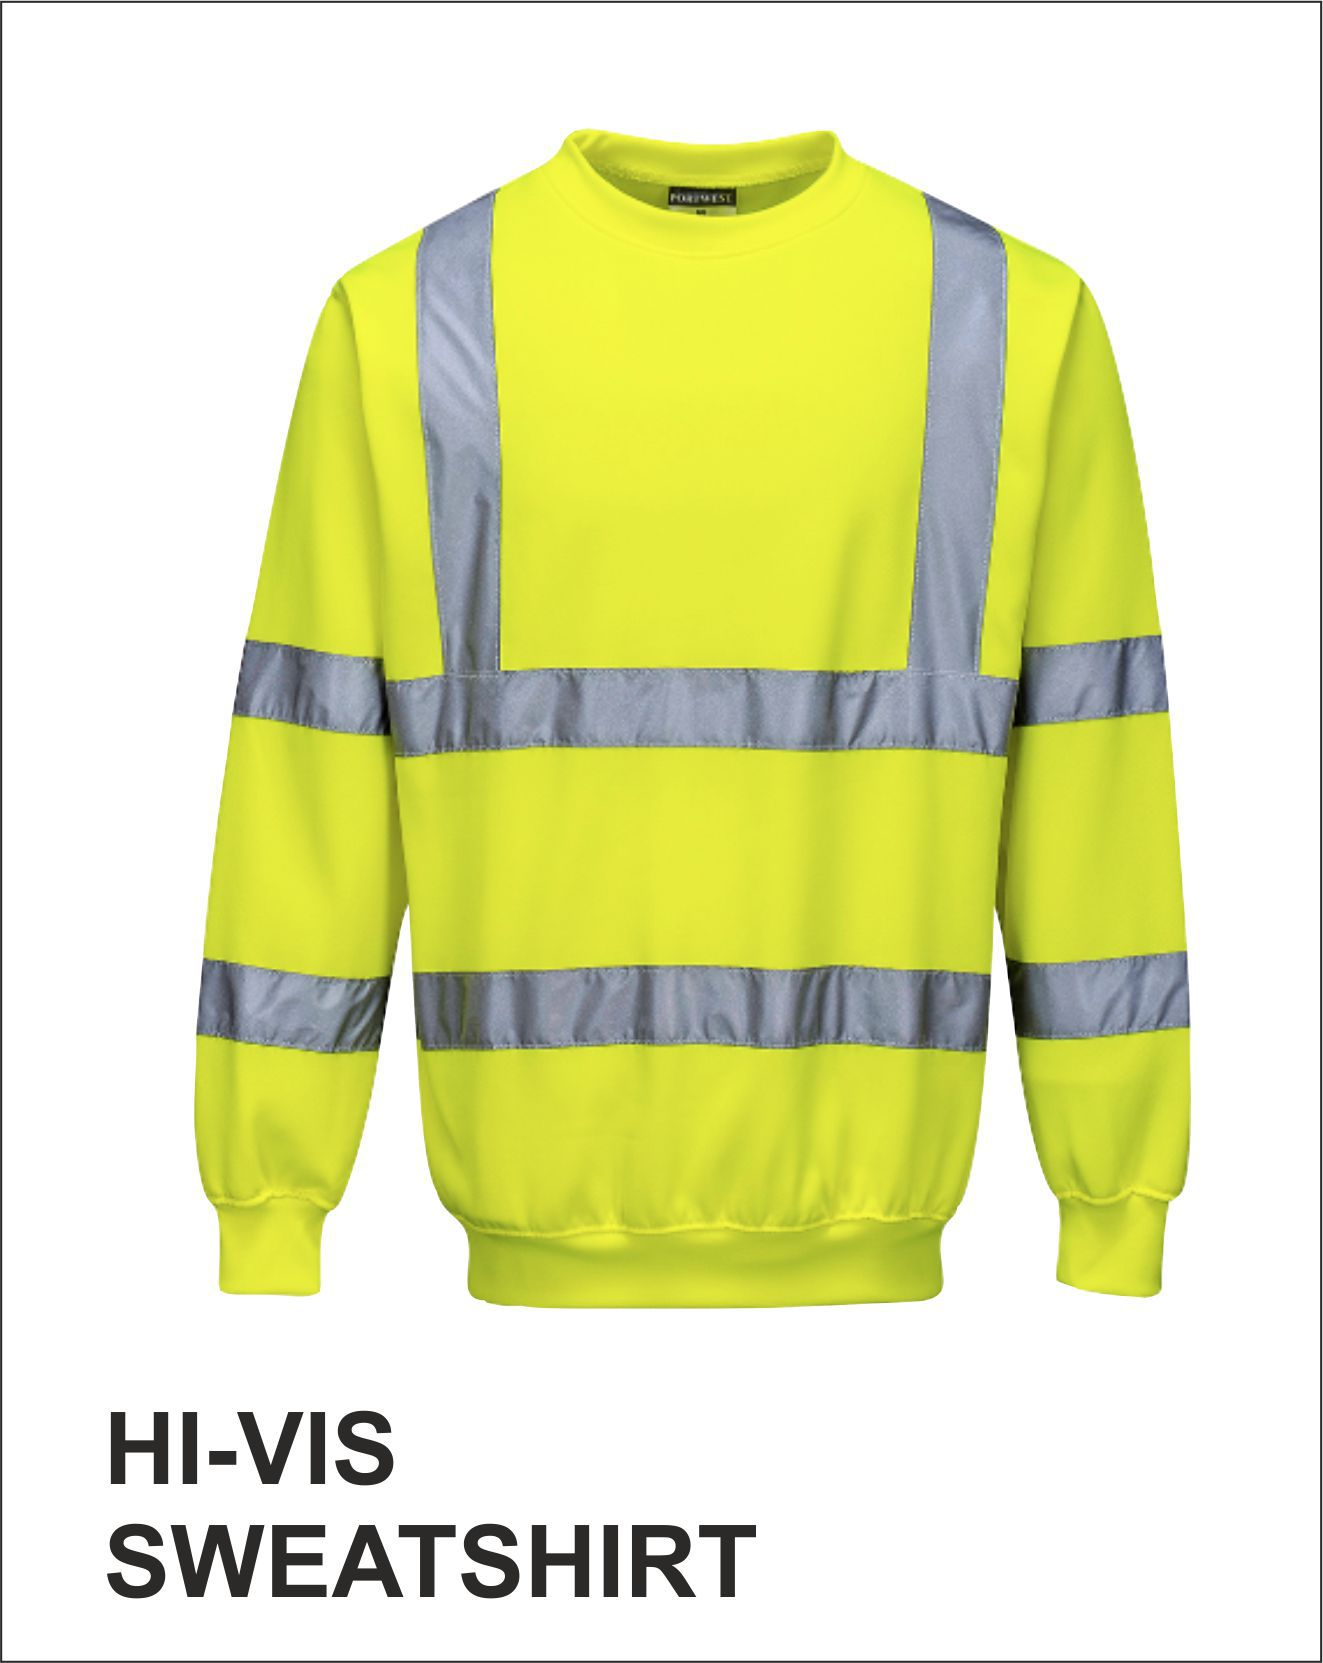 Sweatshirt Yellow Front